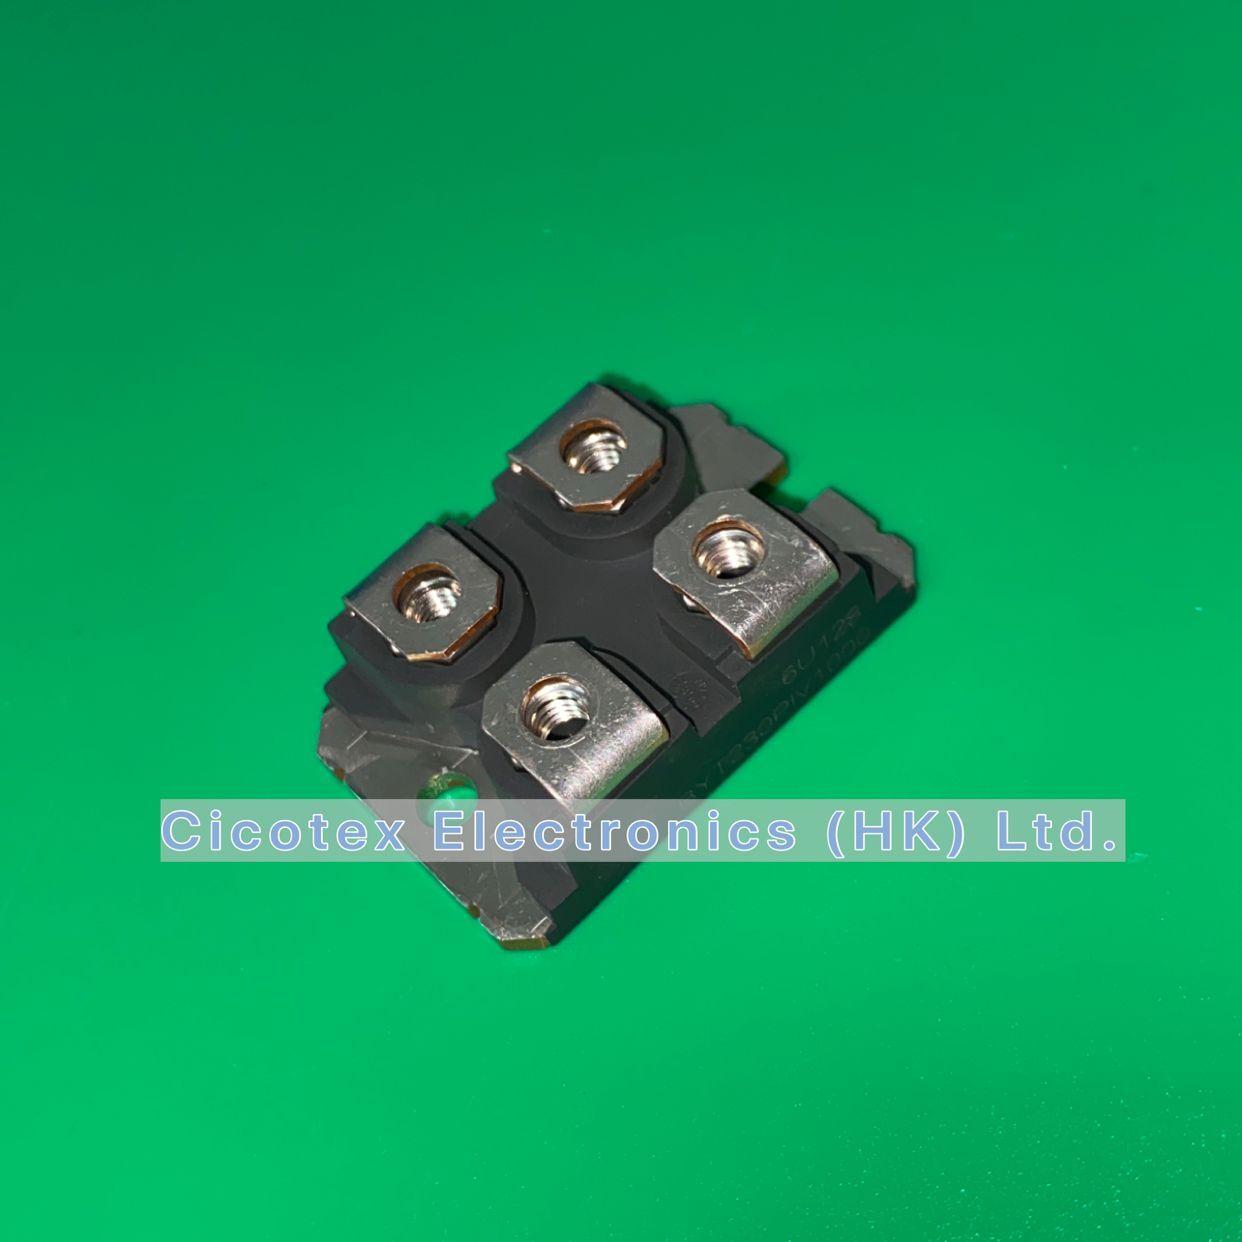 BYT230PIV1000 IGBT BYT230 PIV1000 Módulo de diodos 1KV 30A ISOTOP BYT230PIV-1000 BYT230PIVI000 BYT 230PIV1000